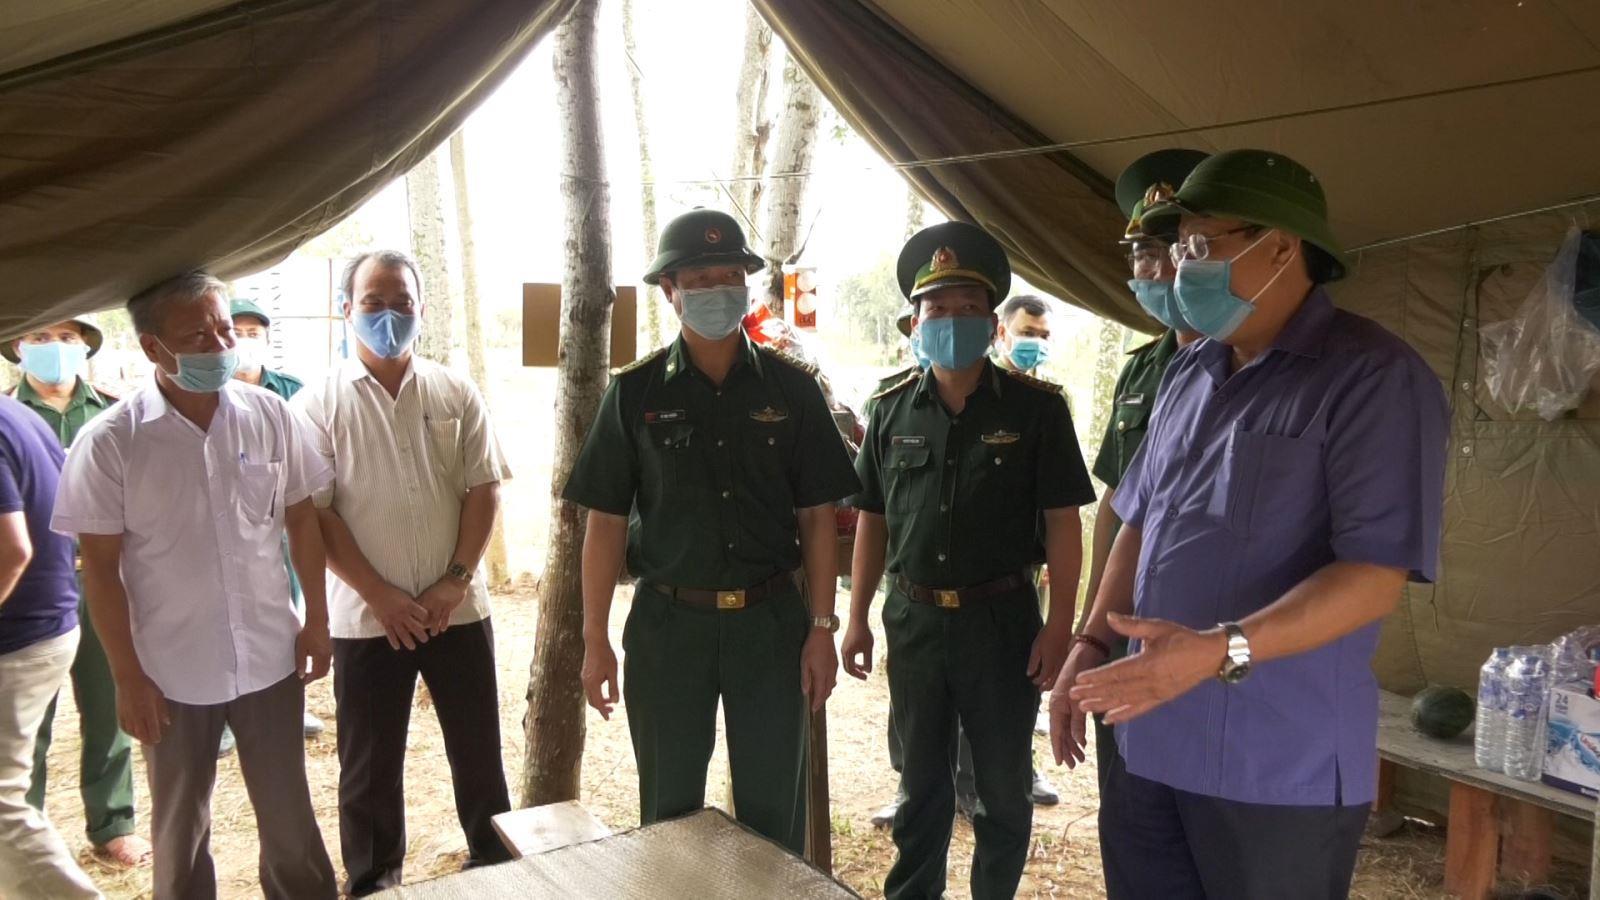 Phó Chủ tịch Thường trực UBND tỉnh Hà Sỹ Đồng kiểm tra công tác phòng, chống dịch COVID- 19 tại các chốt biên giới